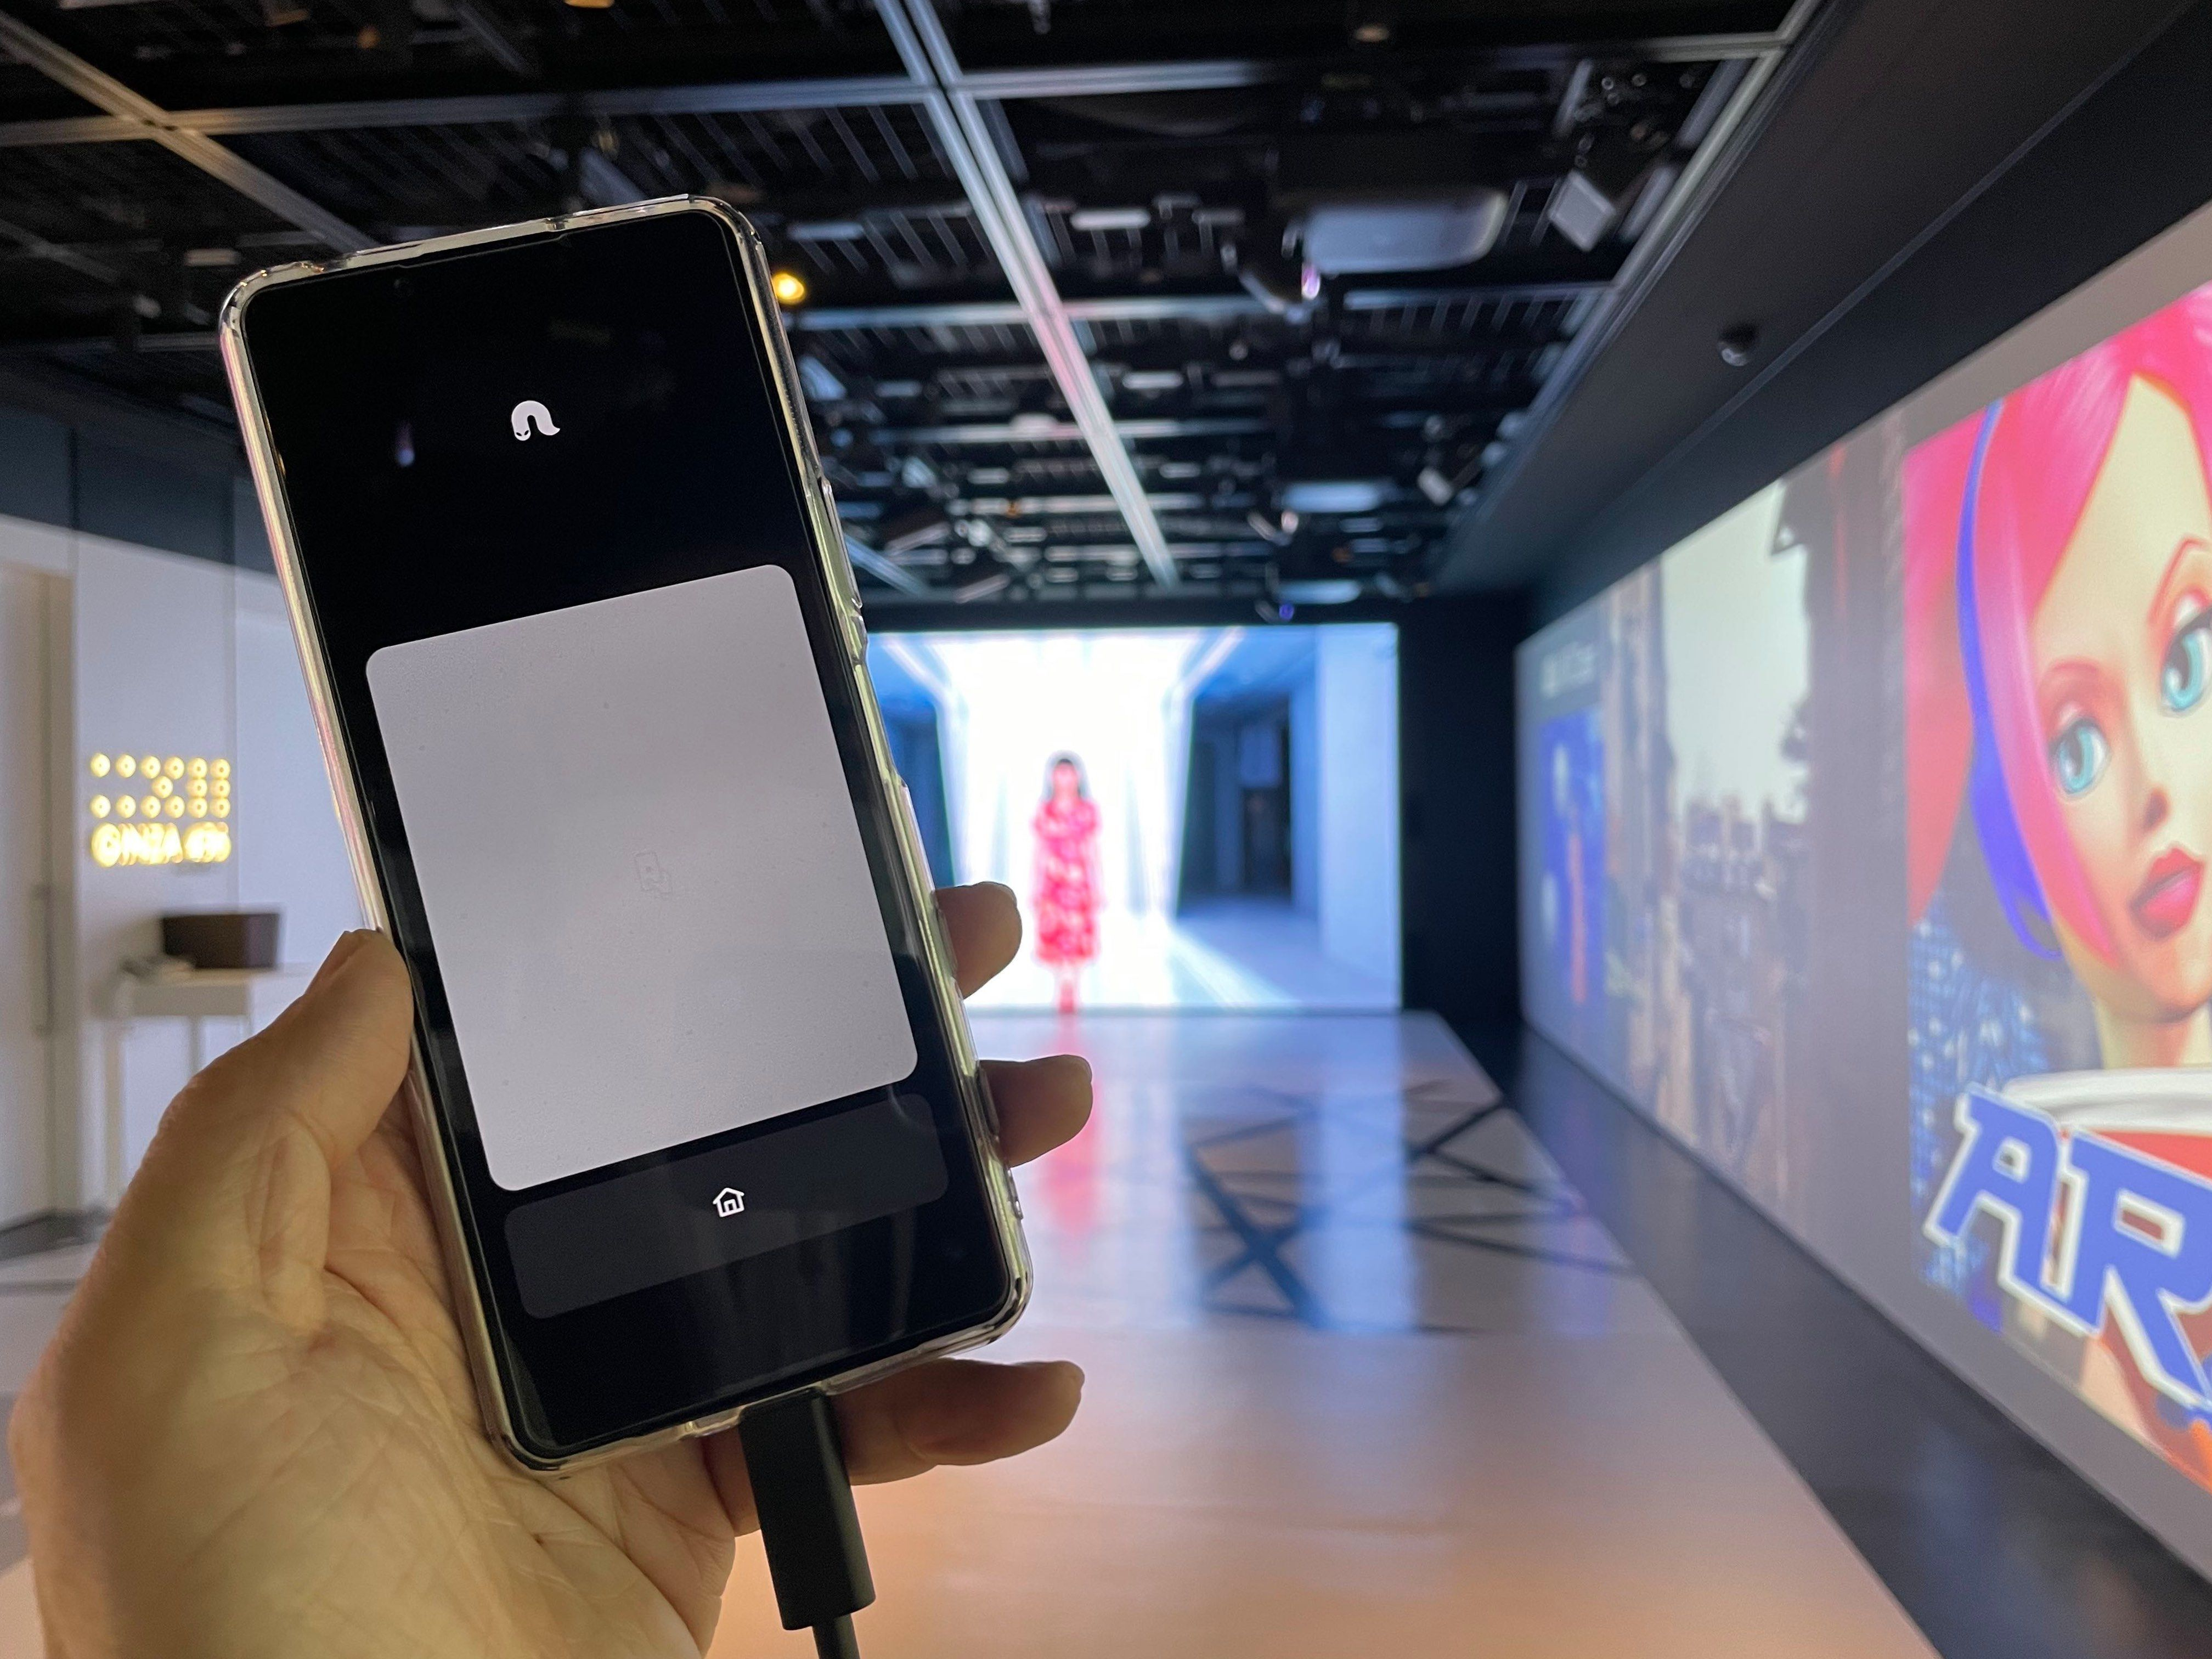 NrealLightに接続したスマートフォン